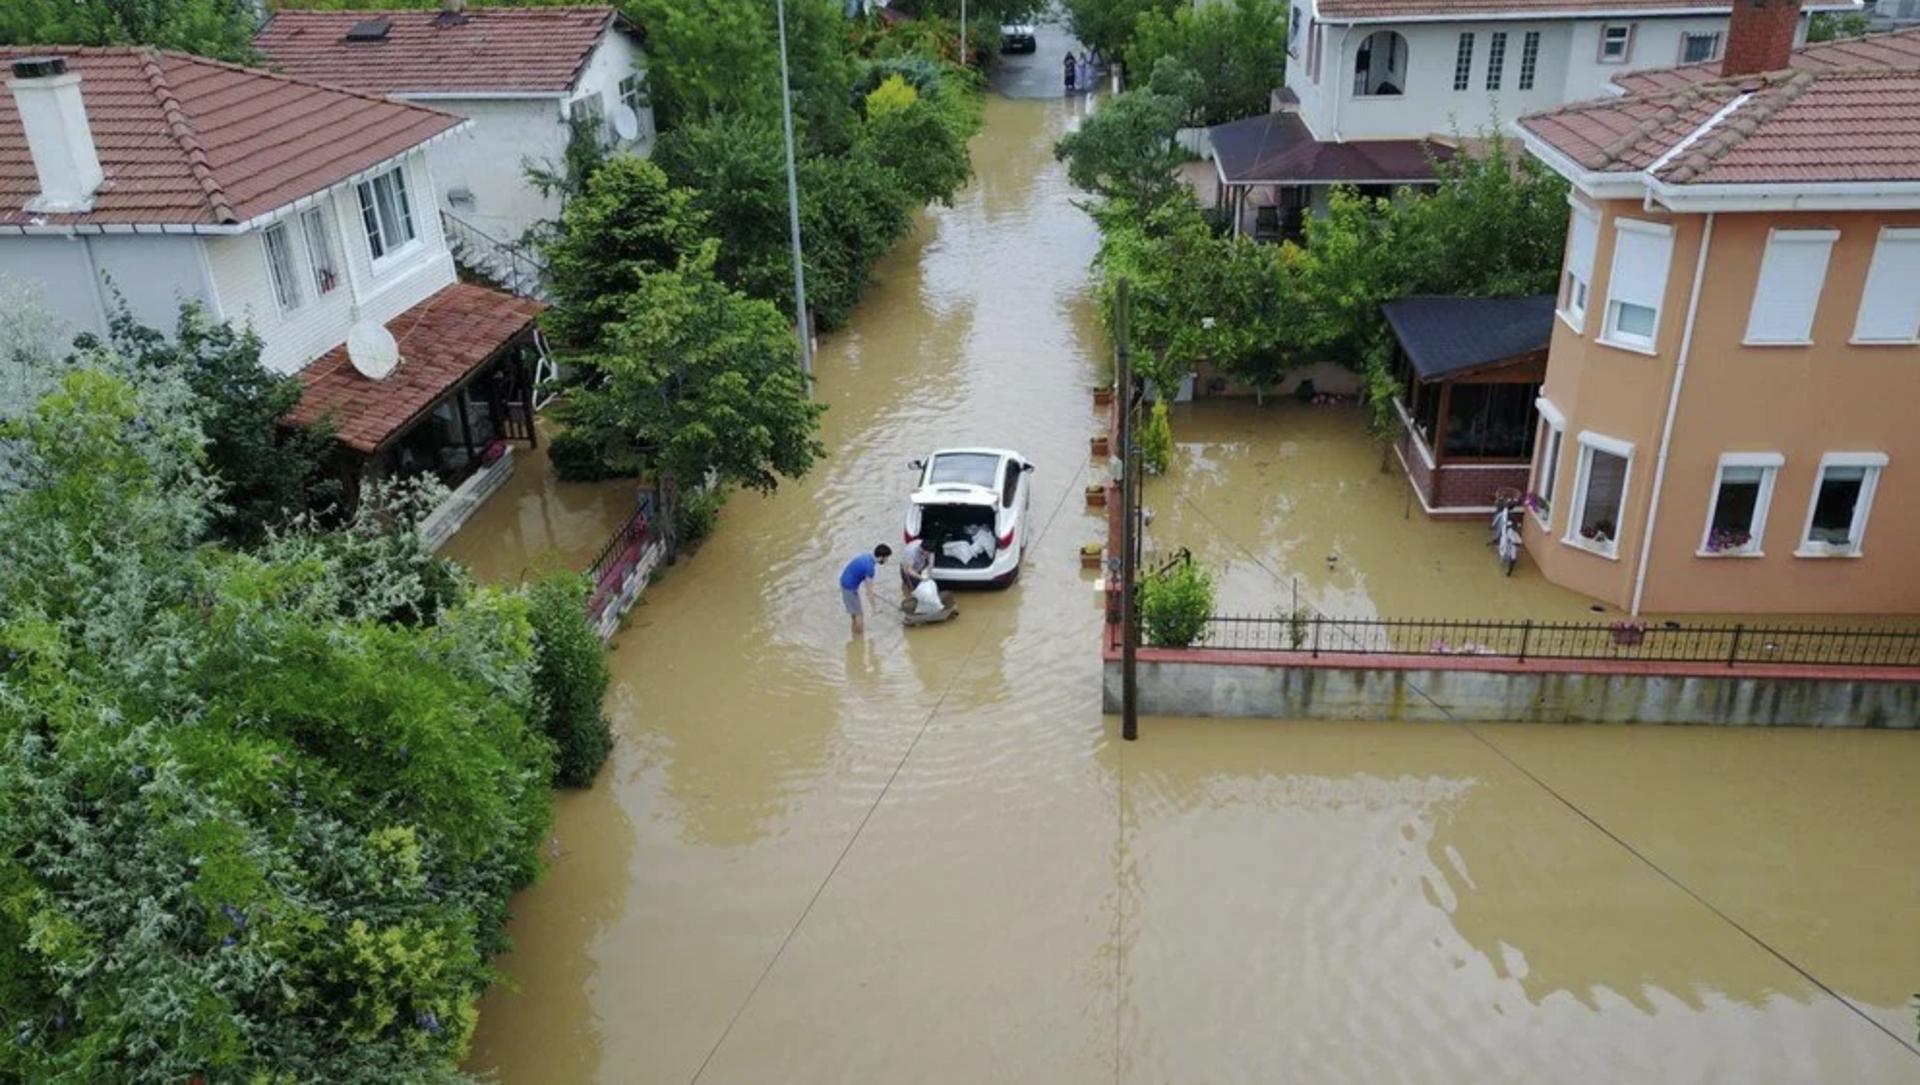 İstanbul'da sağanak yağış: Evler su altında kaldı - Sputnik Türkiye, 1920, 03.07.2021